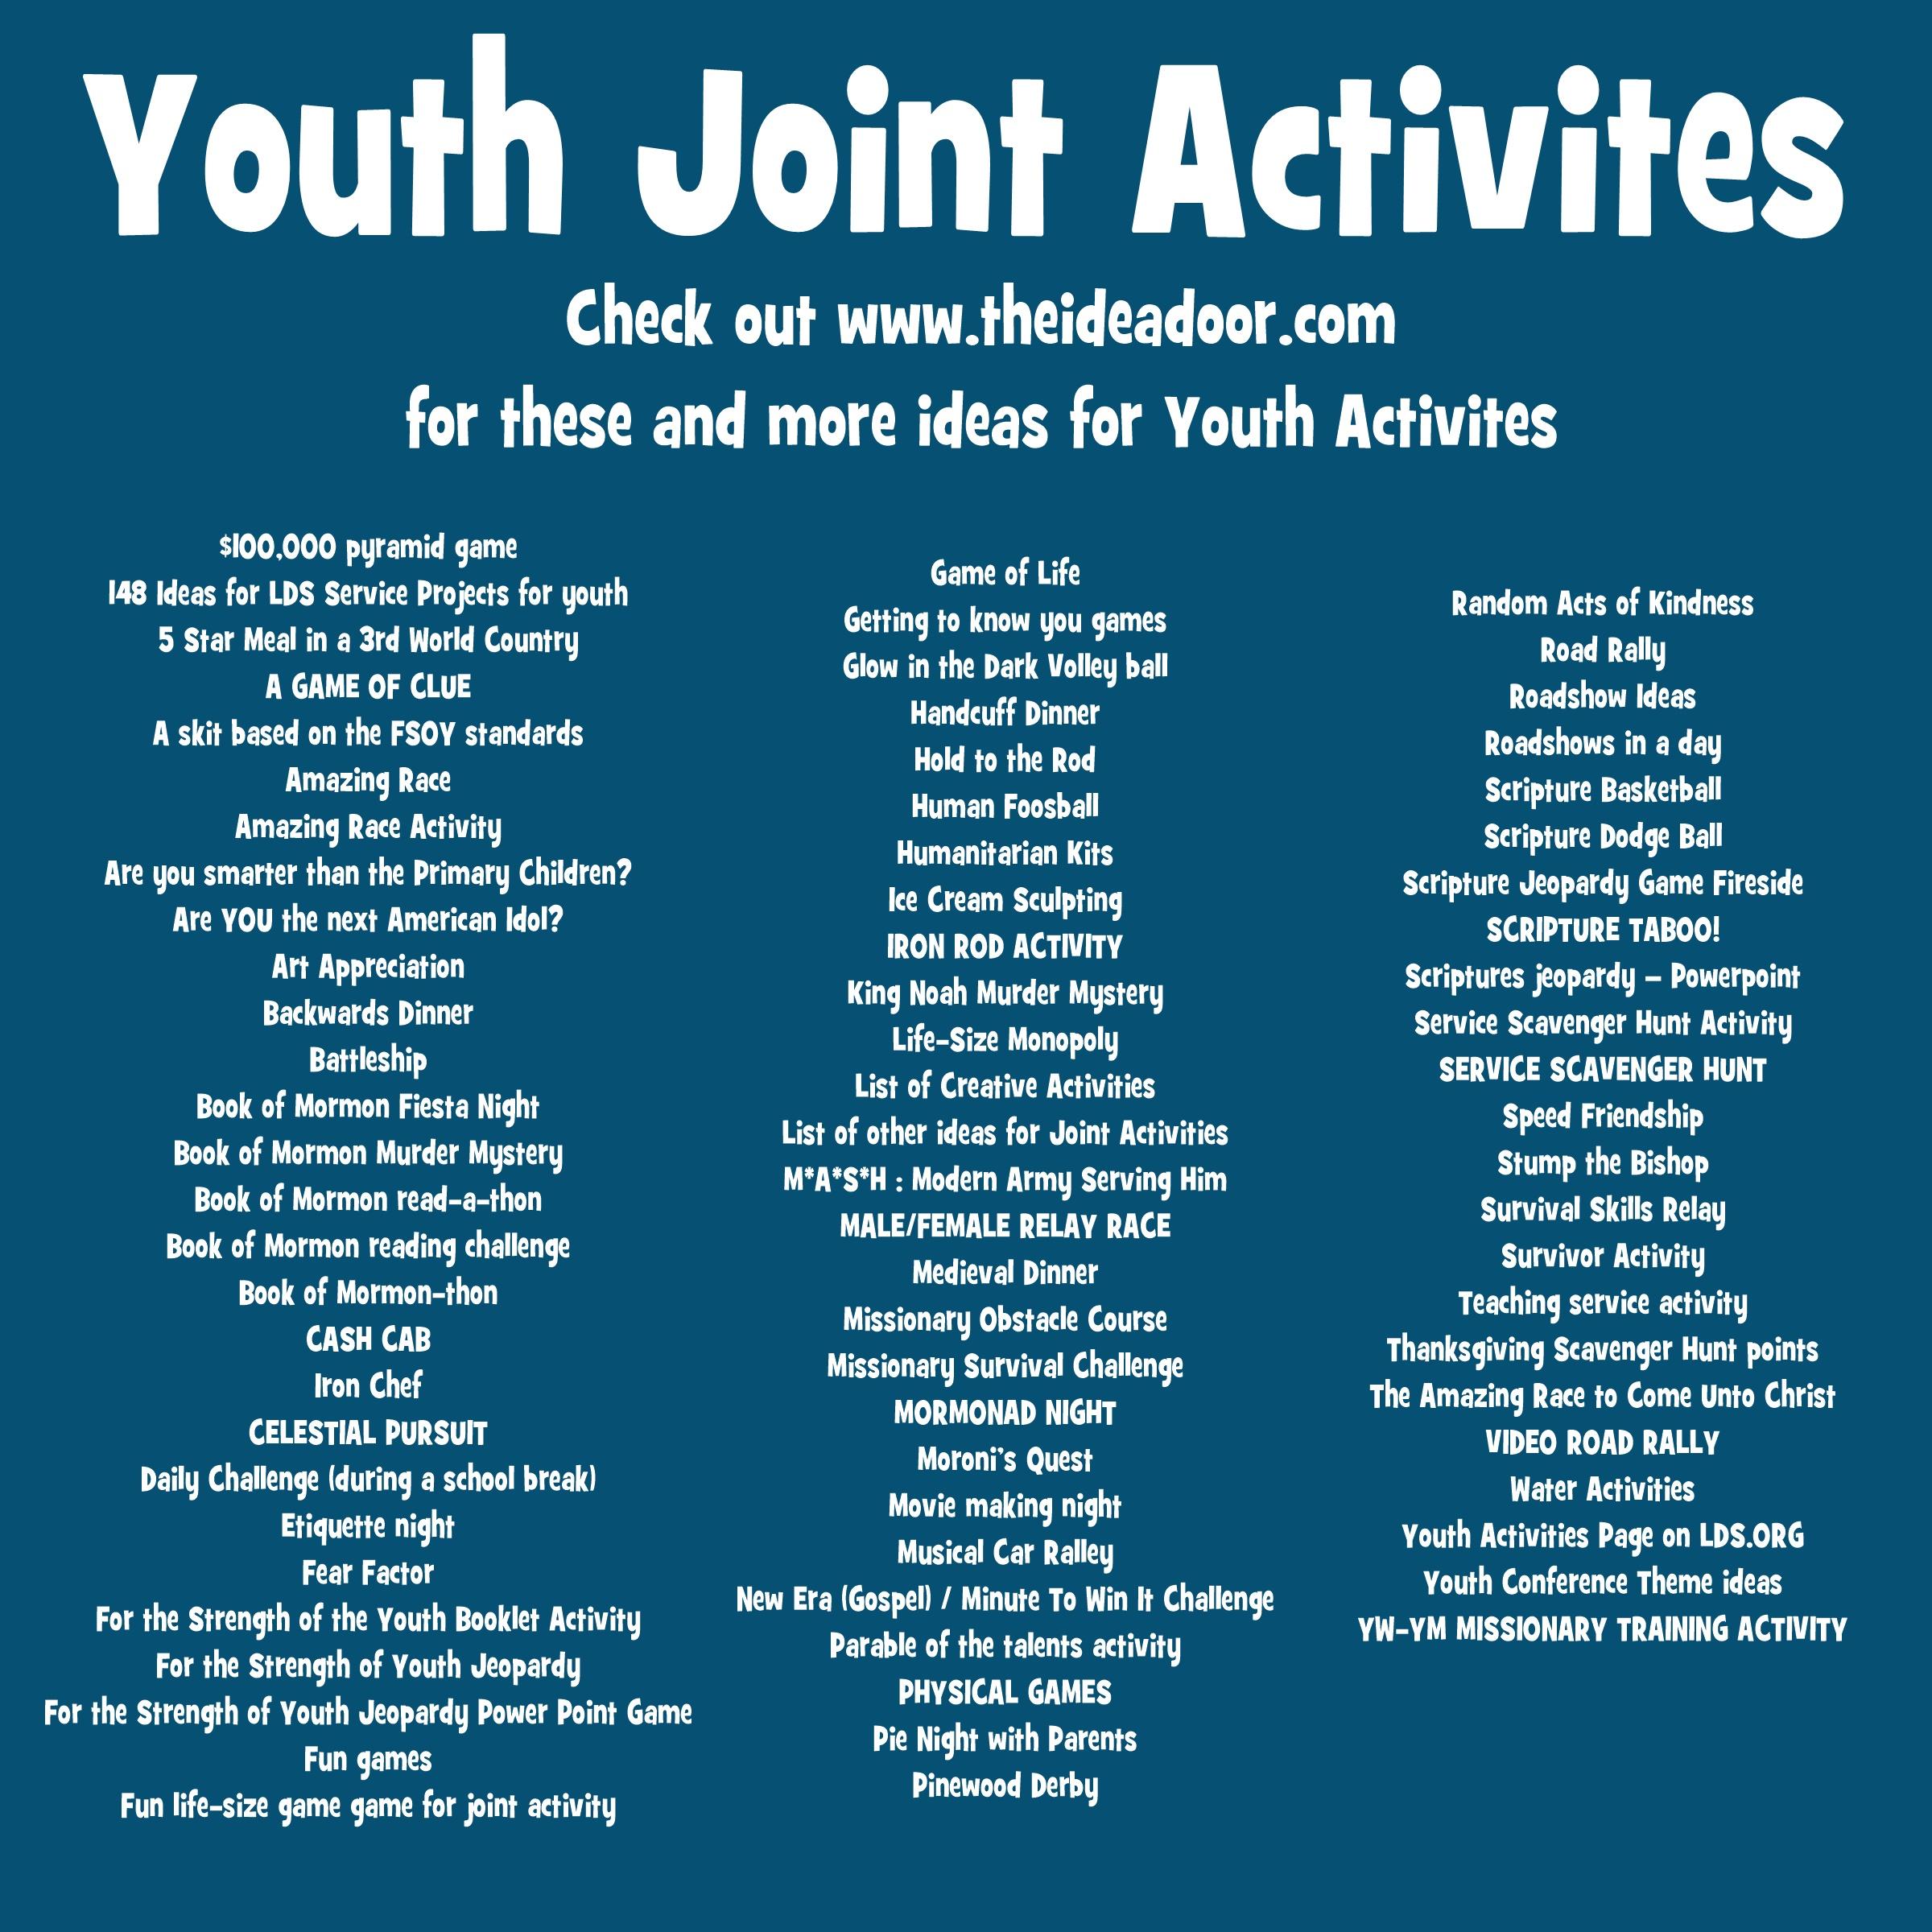 Youth Joint Activities The Idea Door